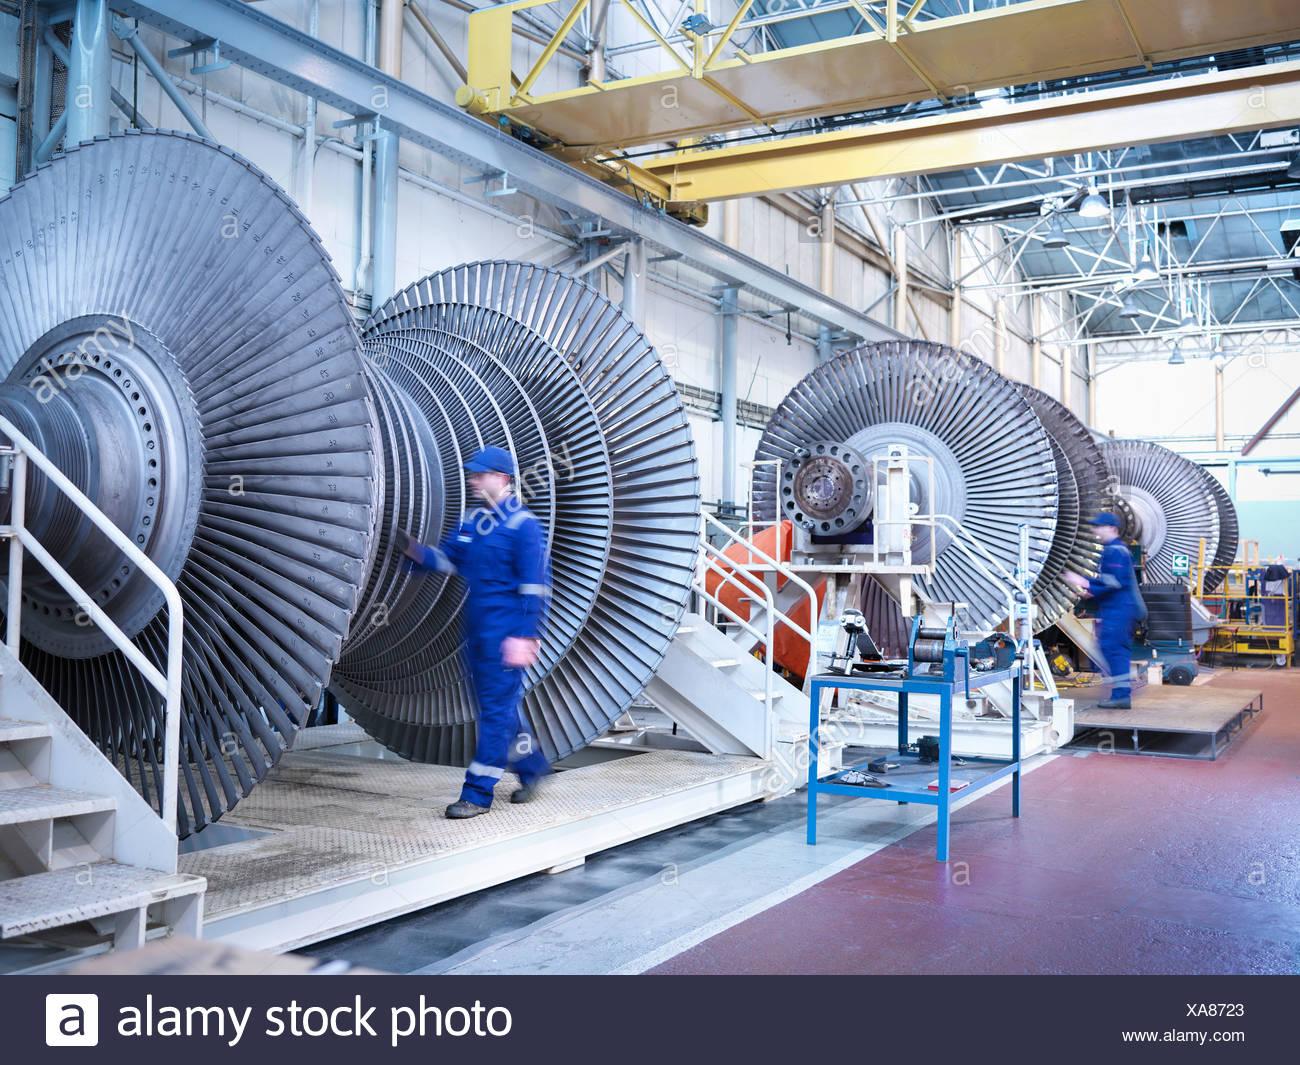 Engineers with low pressure steam turbines in repair bays in workshop Stock Photo